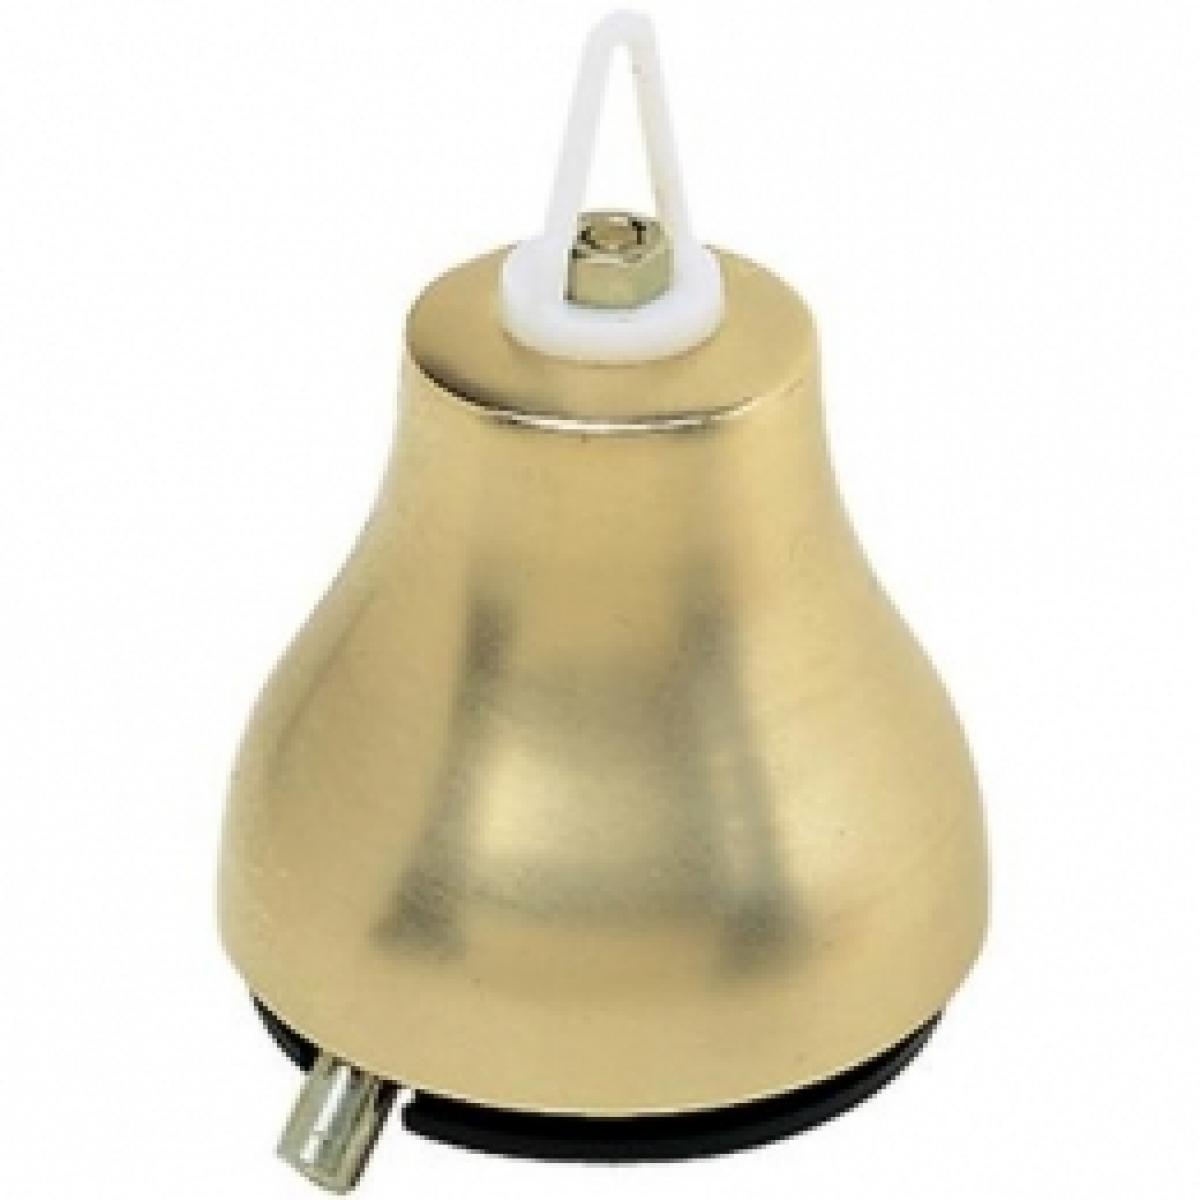 Campana in bronzo Bticino 89.220 diametro 80 mm compresa di staffa